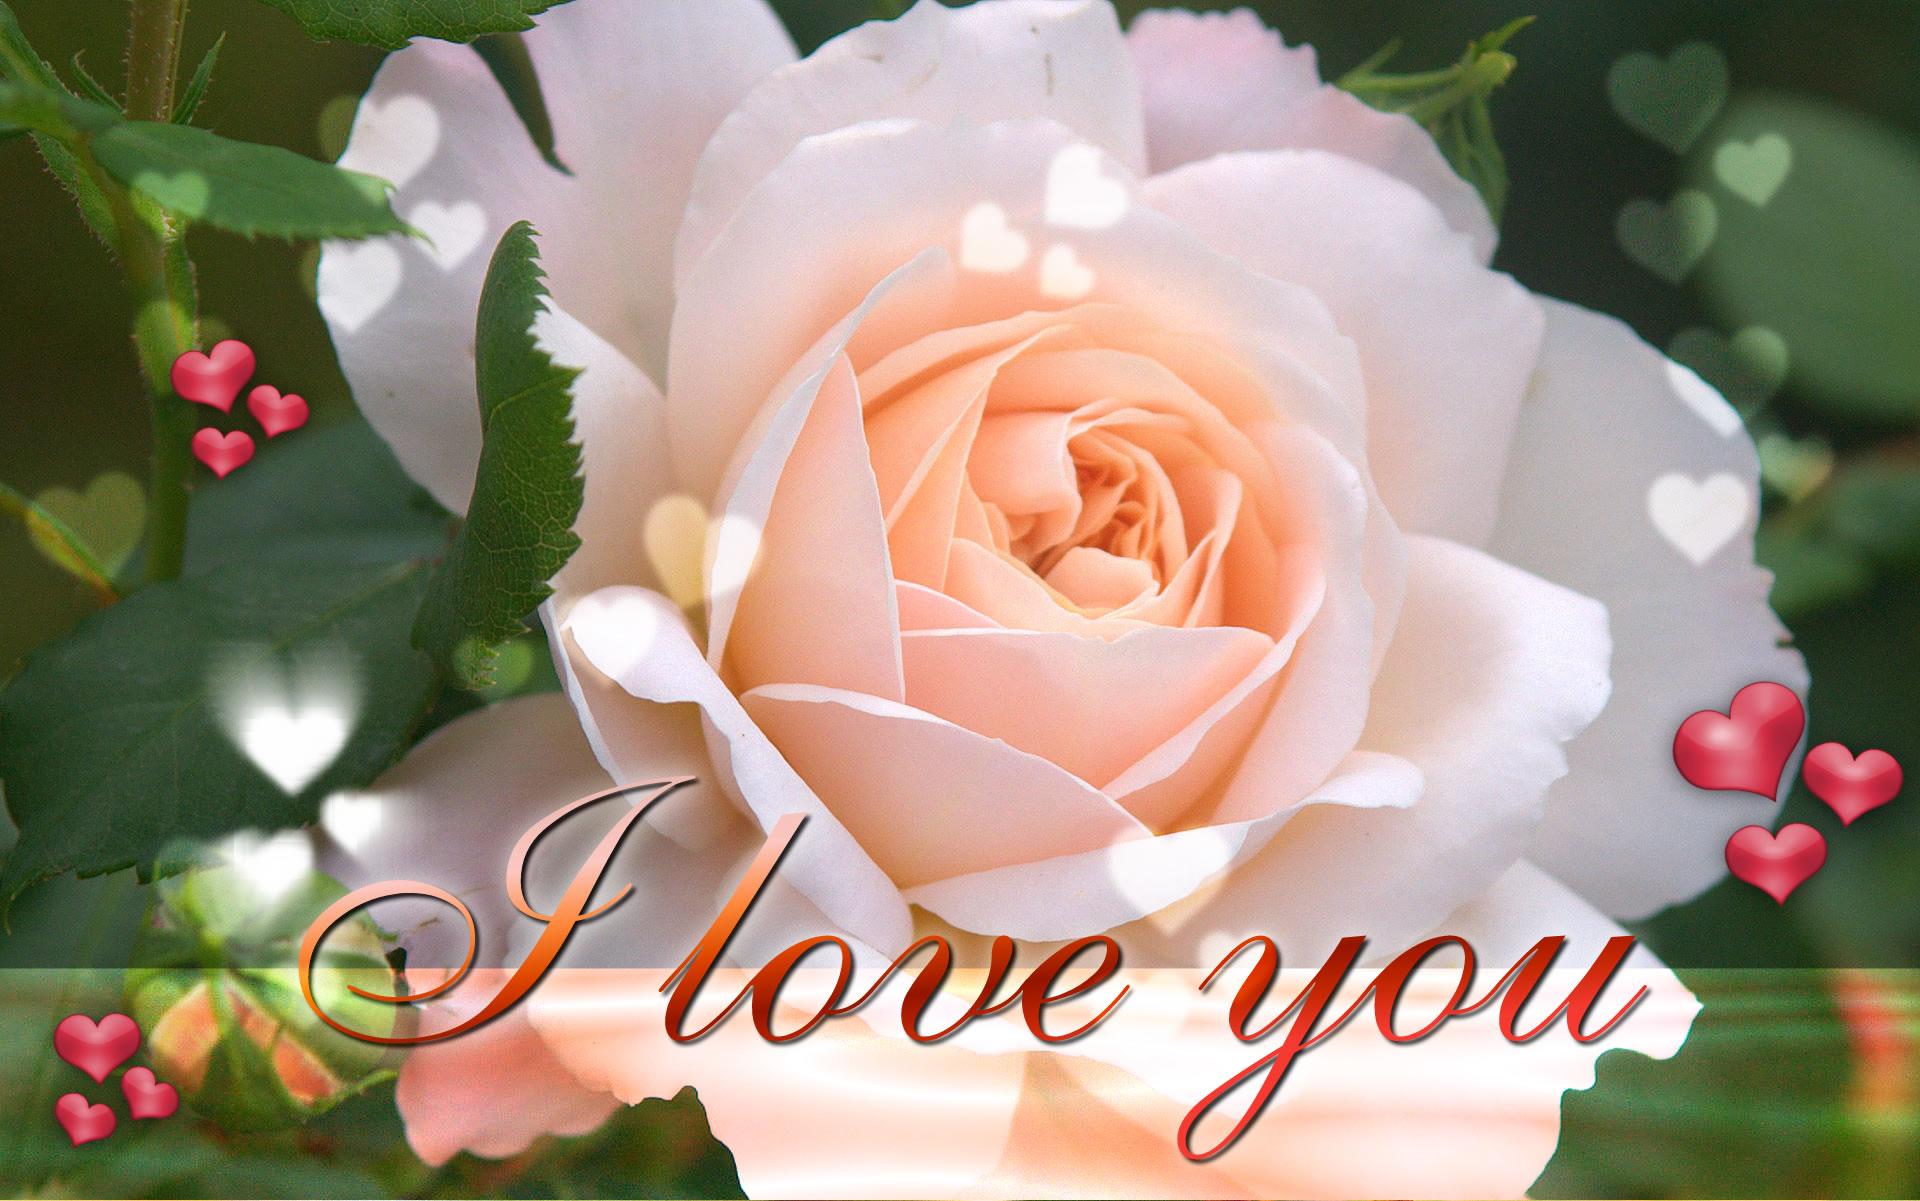 Ты прекрасна картинки с надписями, цветок